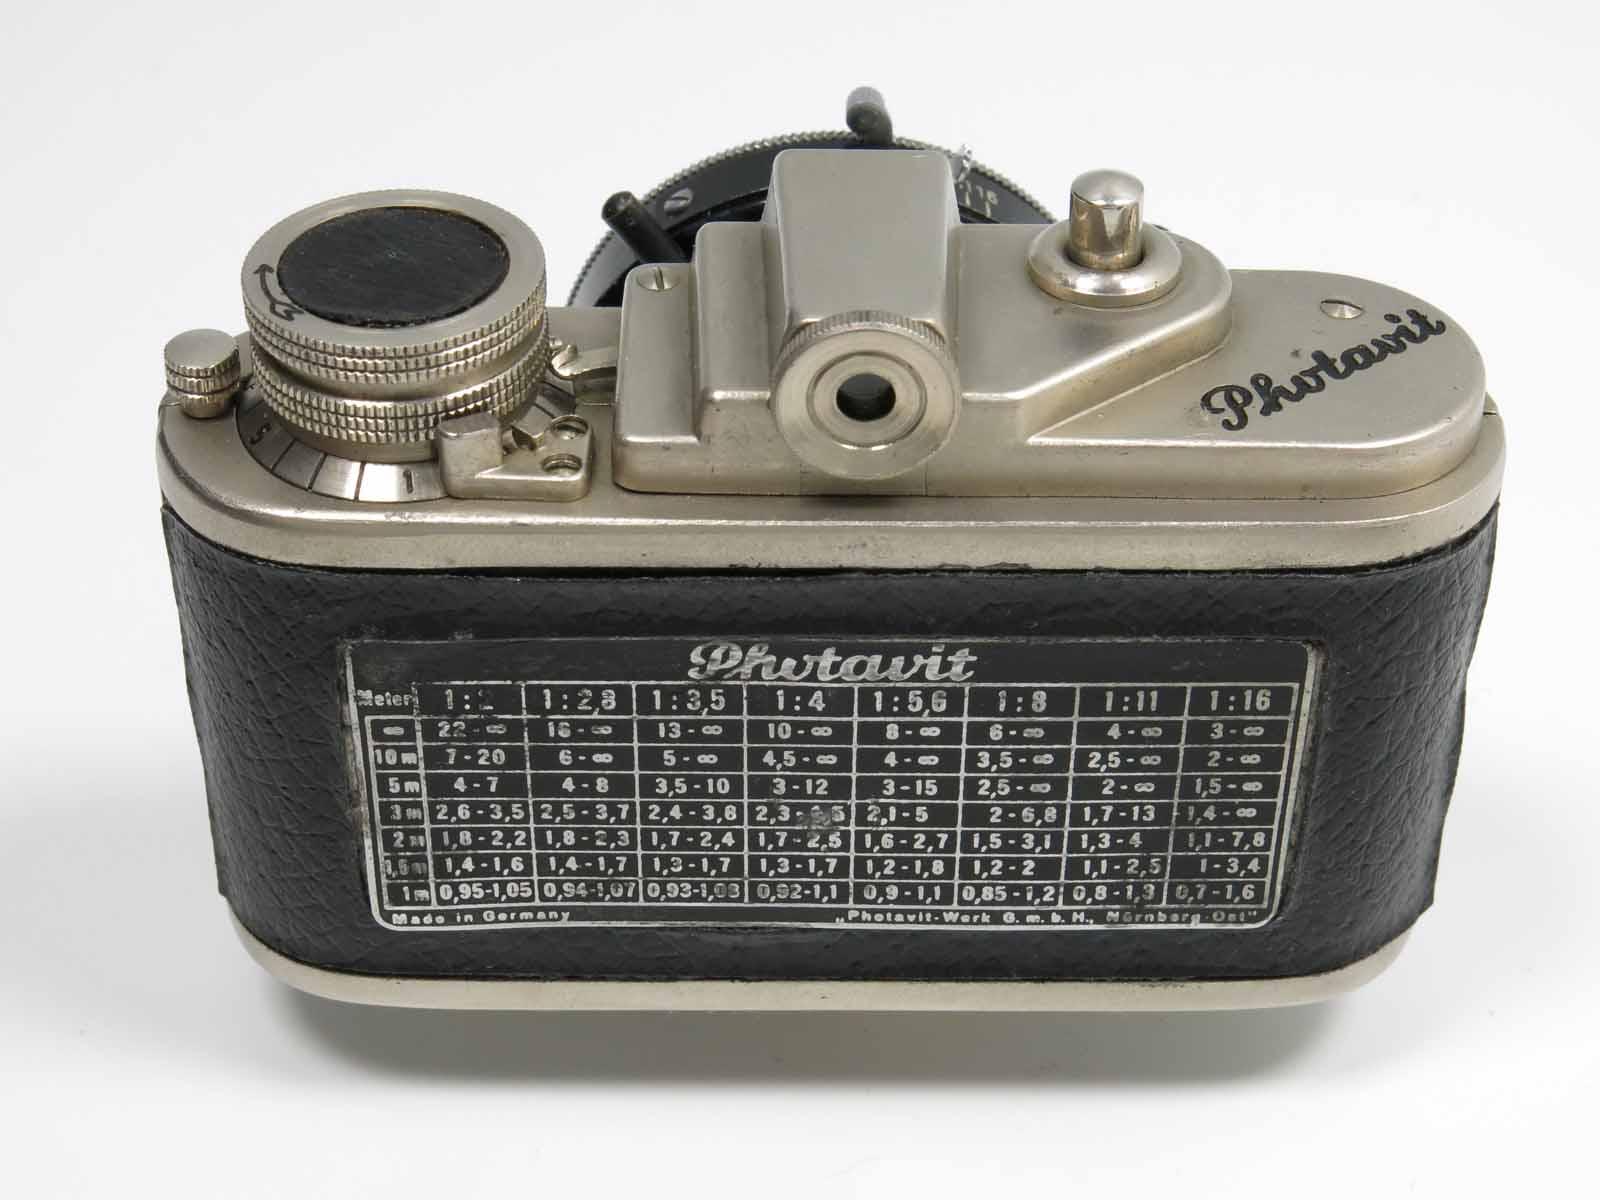 clean-cameras-Photavit-07